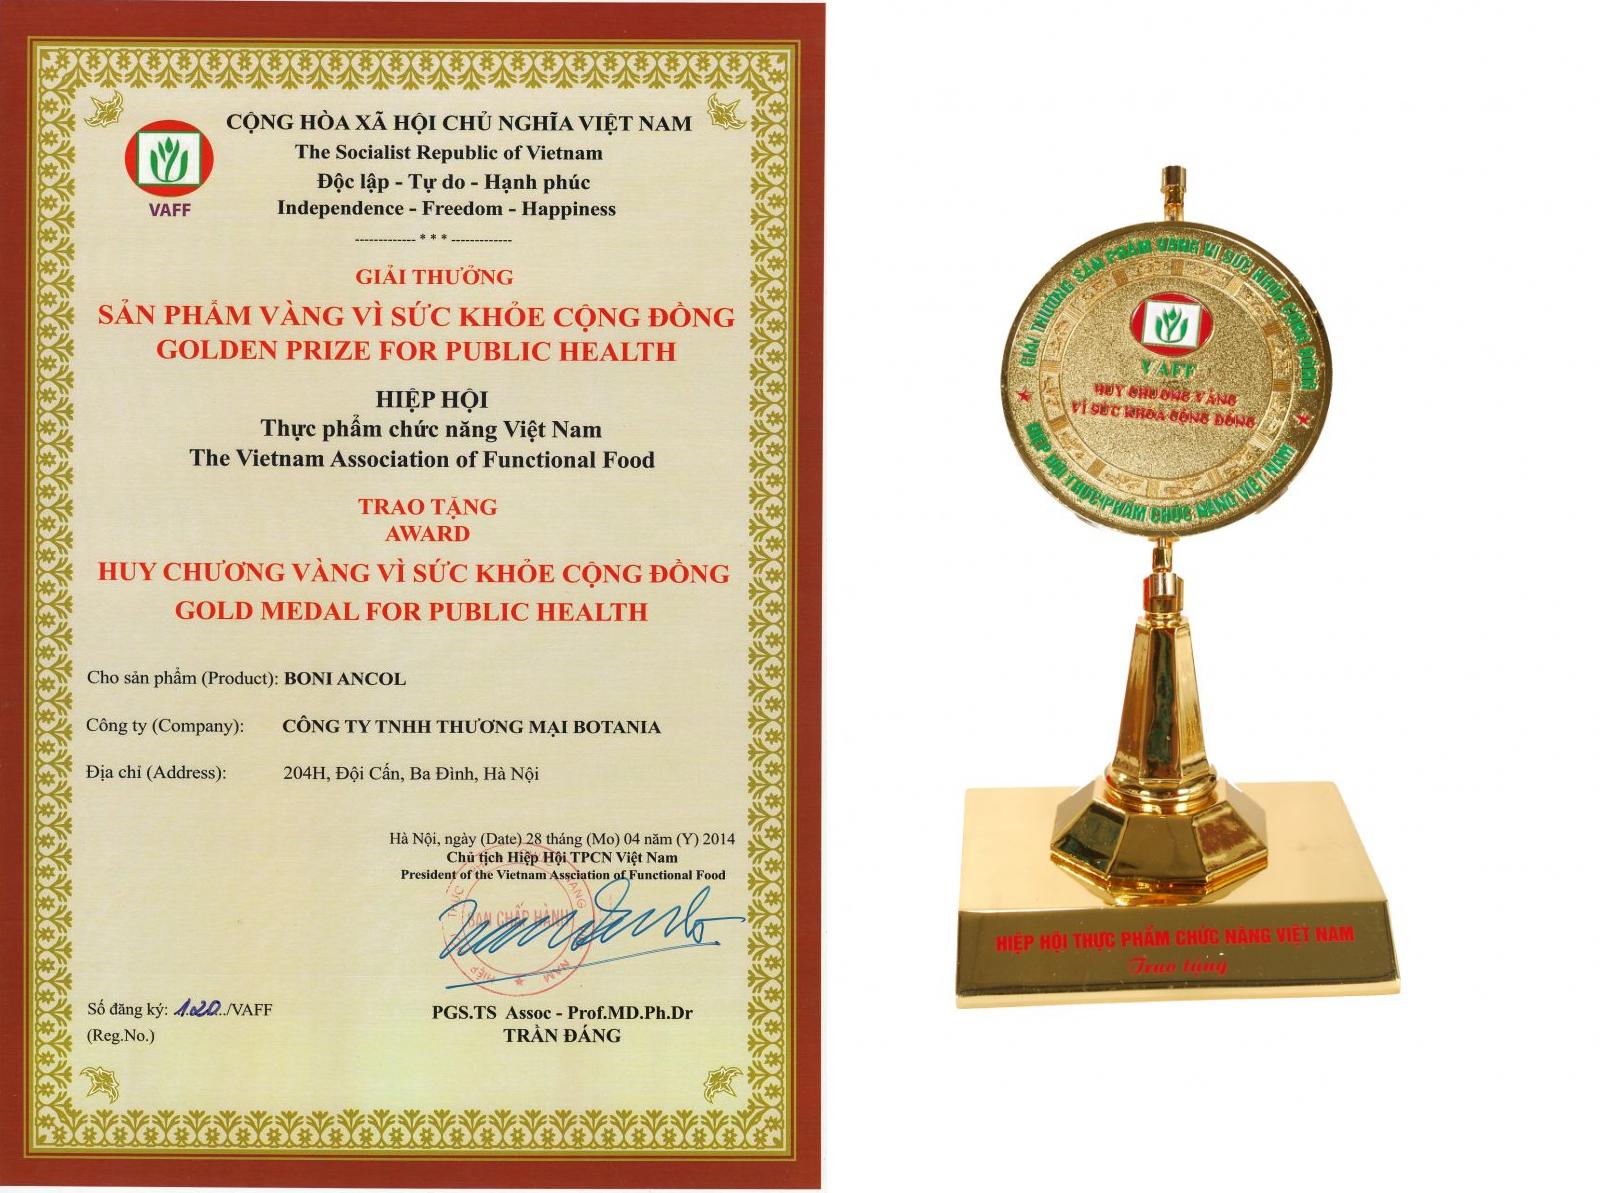 BoniAncol vinh dự nhận giải thưởng vàng vì sức khỏe cộng đồng